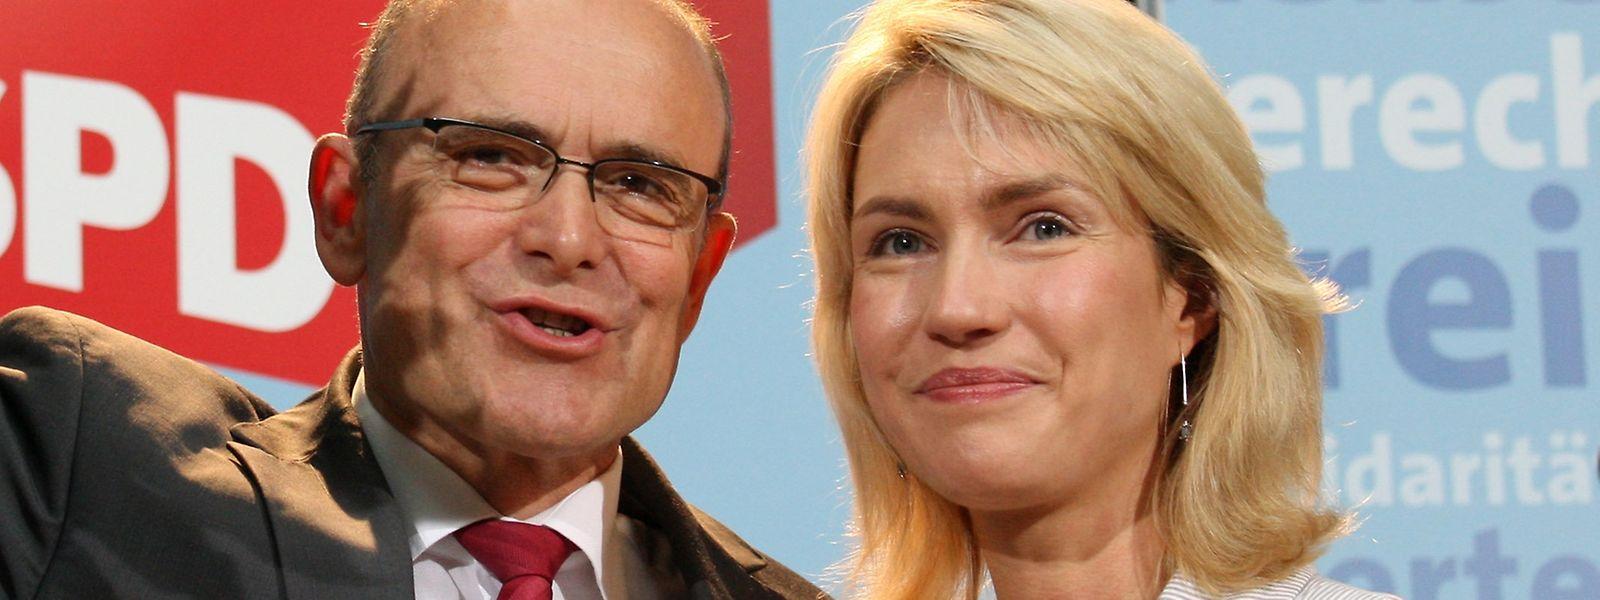 Sellering und Schwesig auf einer Aufnahme aus dem Jahr 2011.